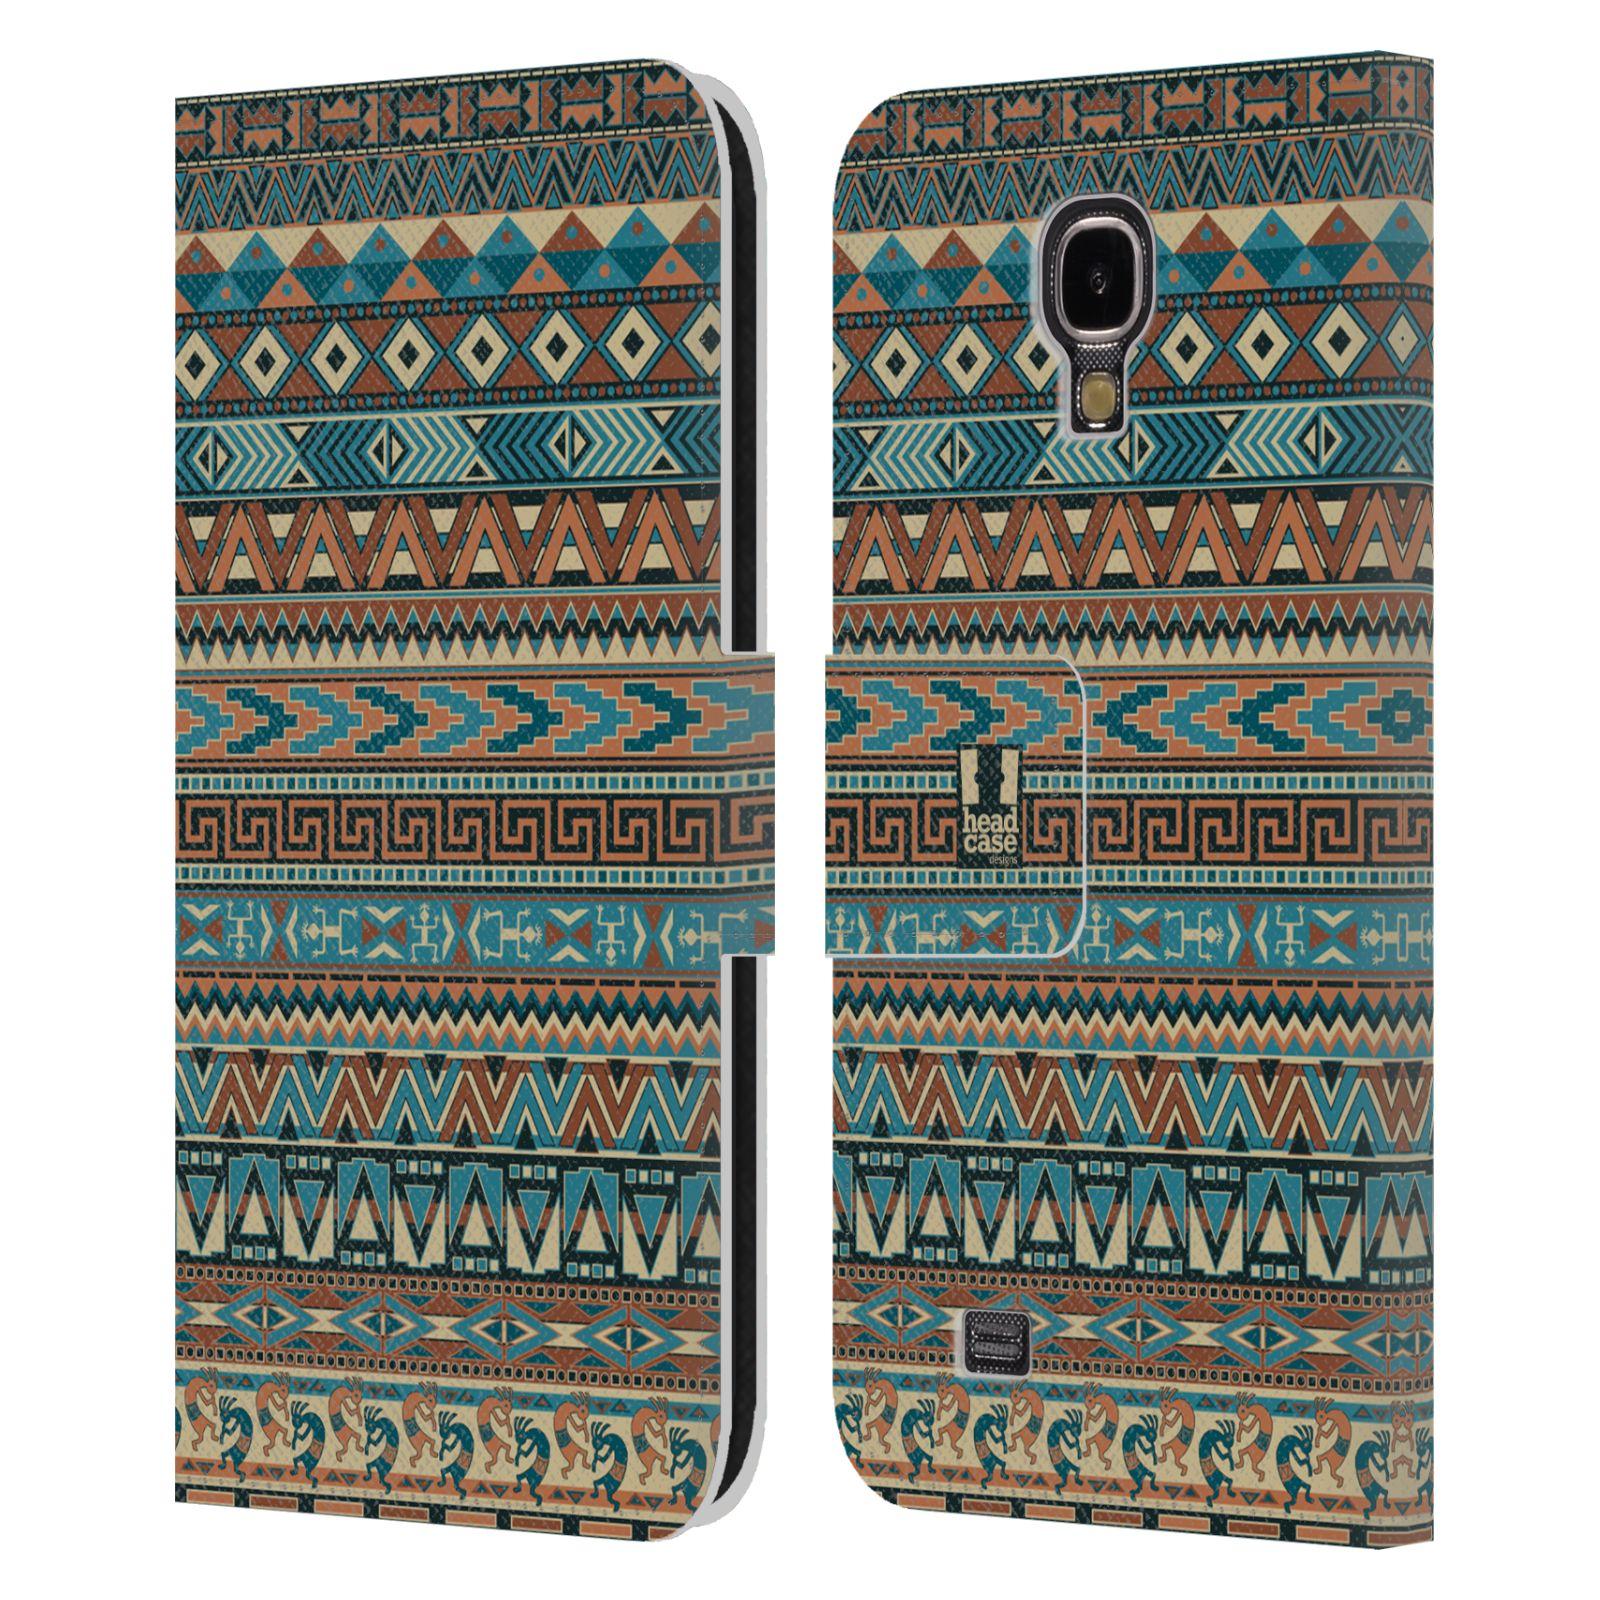 HEAD CASE Flipové pouzdro pro mobil Samsung Galaxy S4 Indiánský vzor BLUE modrá